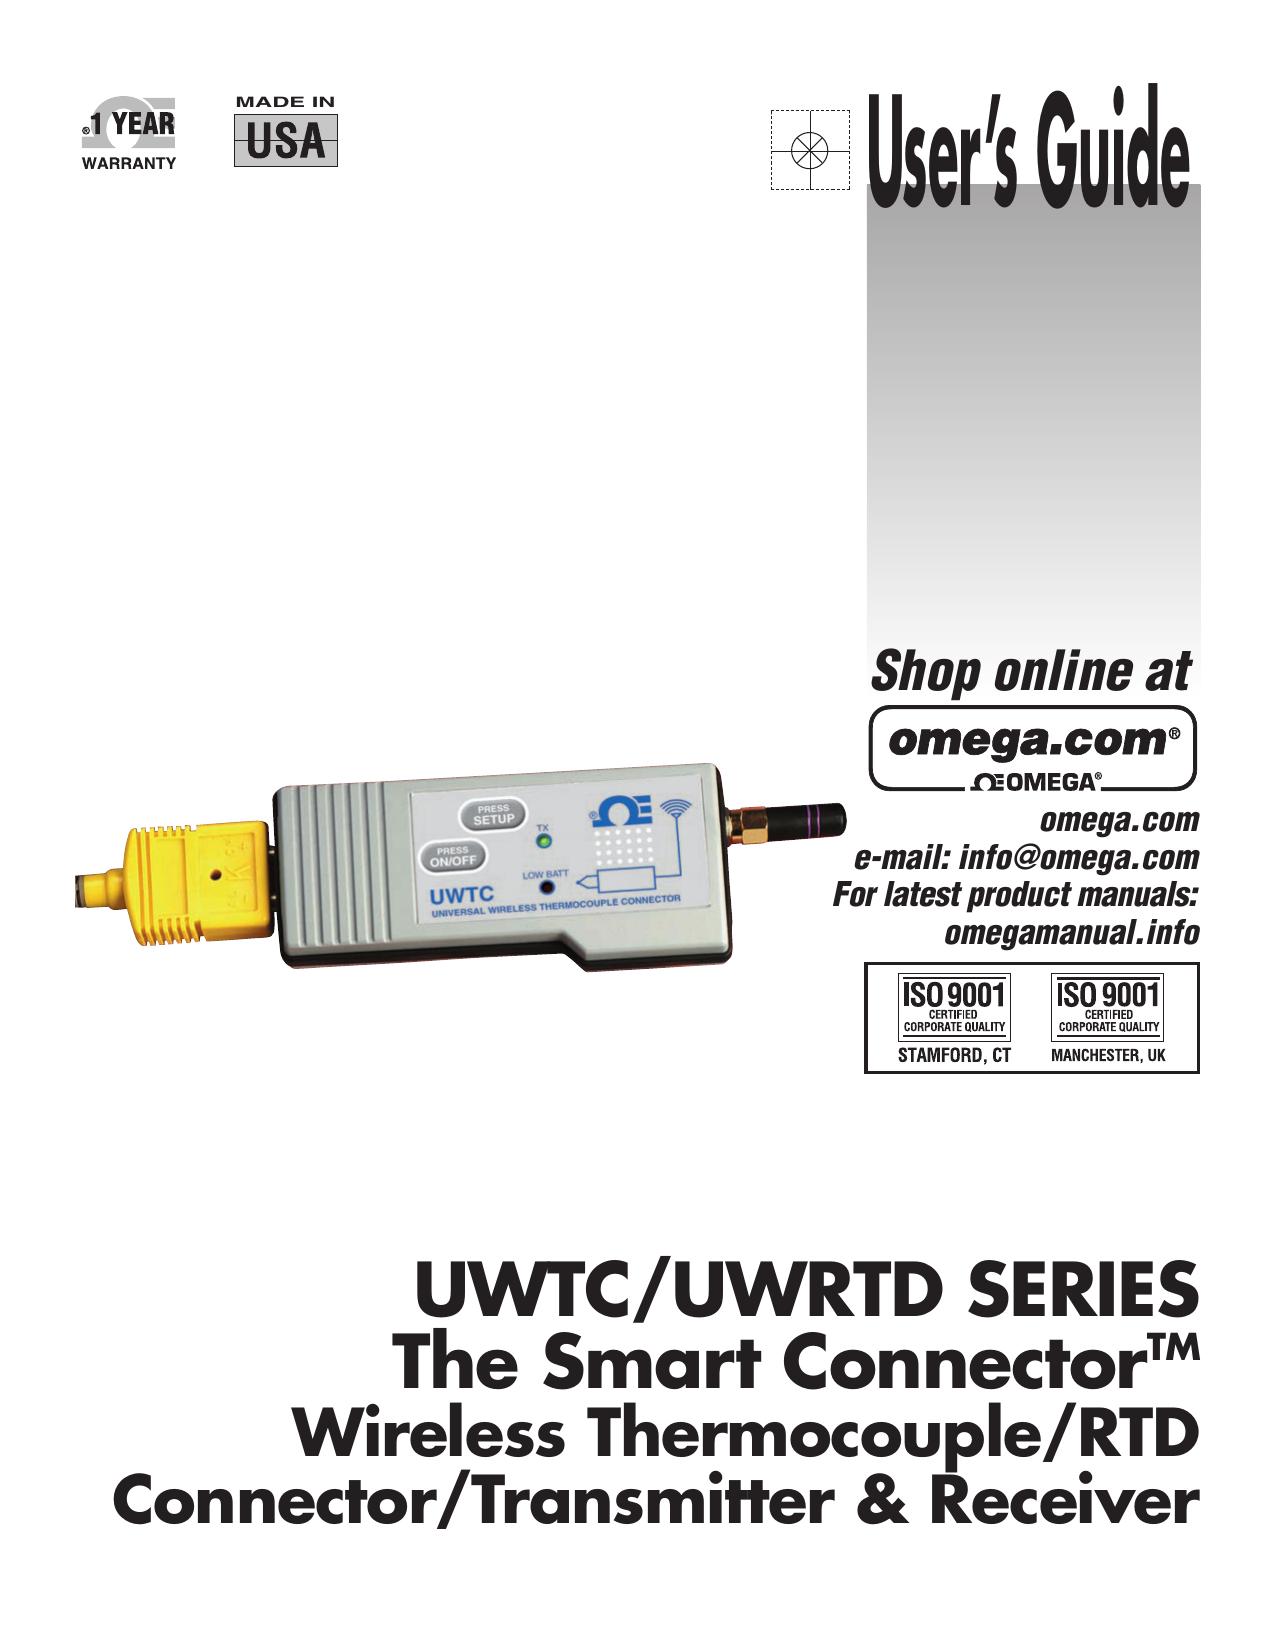 Wireless Thermocouple/RTD - Manualzz